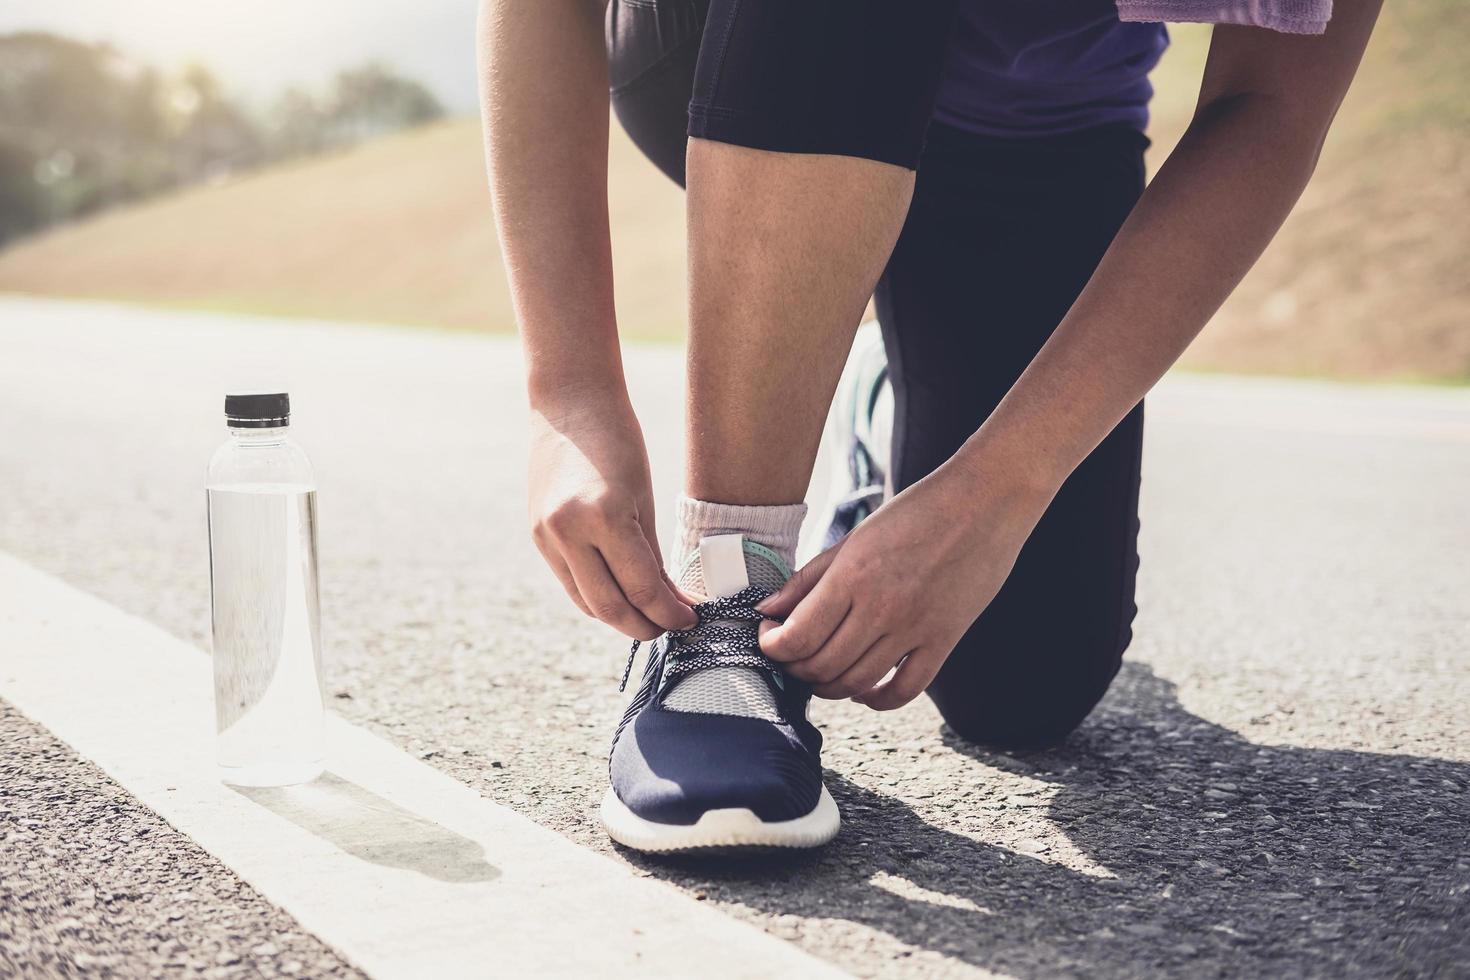 gesunder Lebensstil, Läufer, der Laufschuhe bindet, die sich für Rennen auf Laufstrecke Jog Workout Wellness-Konzept vorbereiten foto